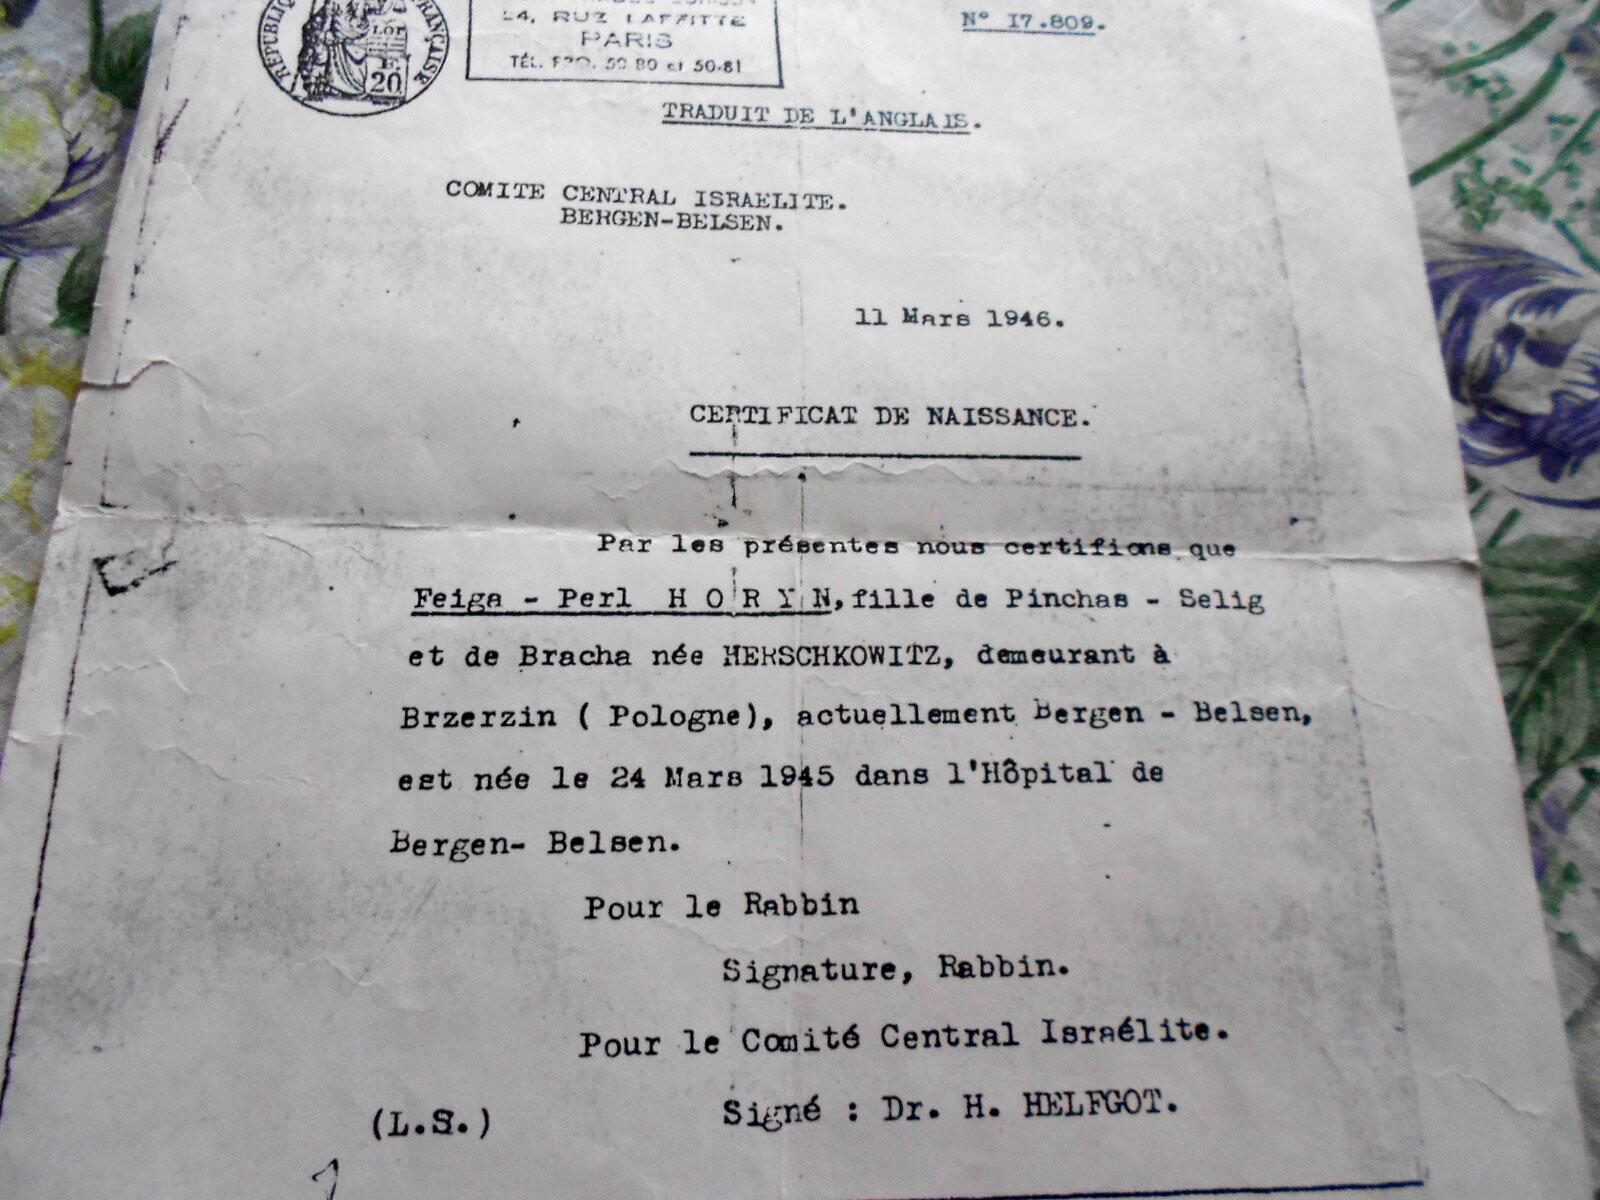 Traduction française assermentée du certificat de naissance de Feiga Pearl Horyn. L'original a été écrit à Bergen-Belsen dix mois après la libération du camp. Signataire: Dr. H. Helfgott.